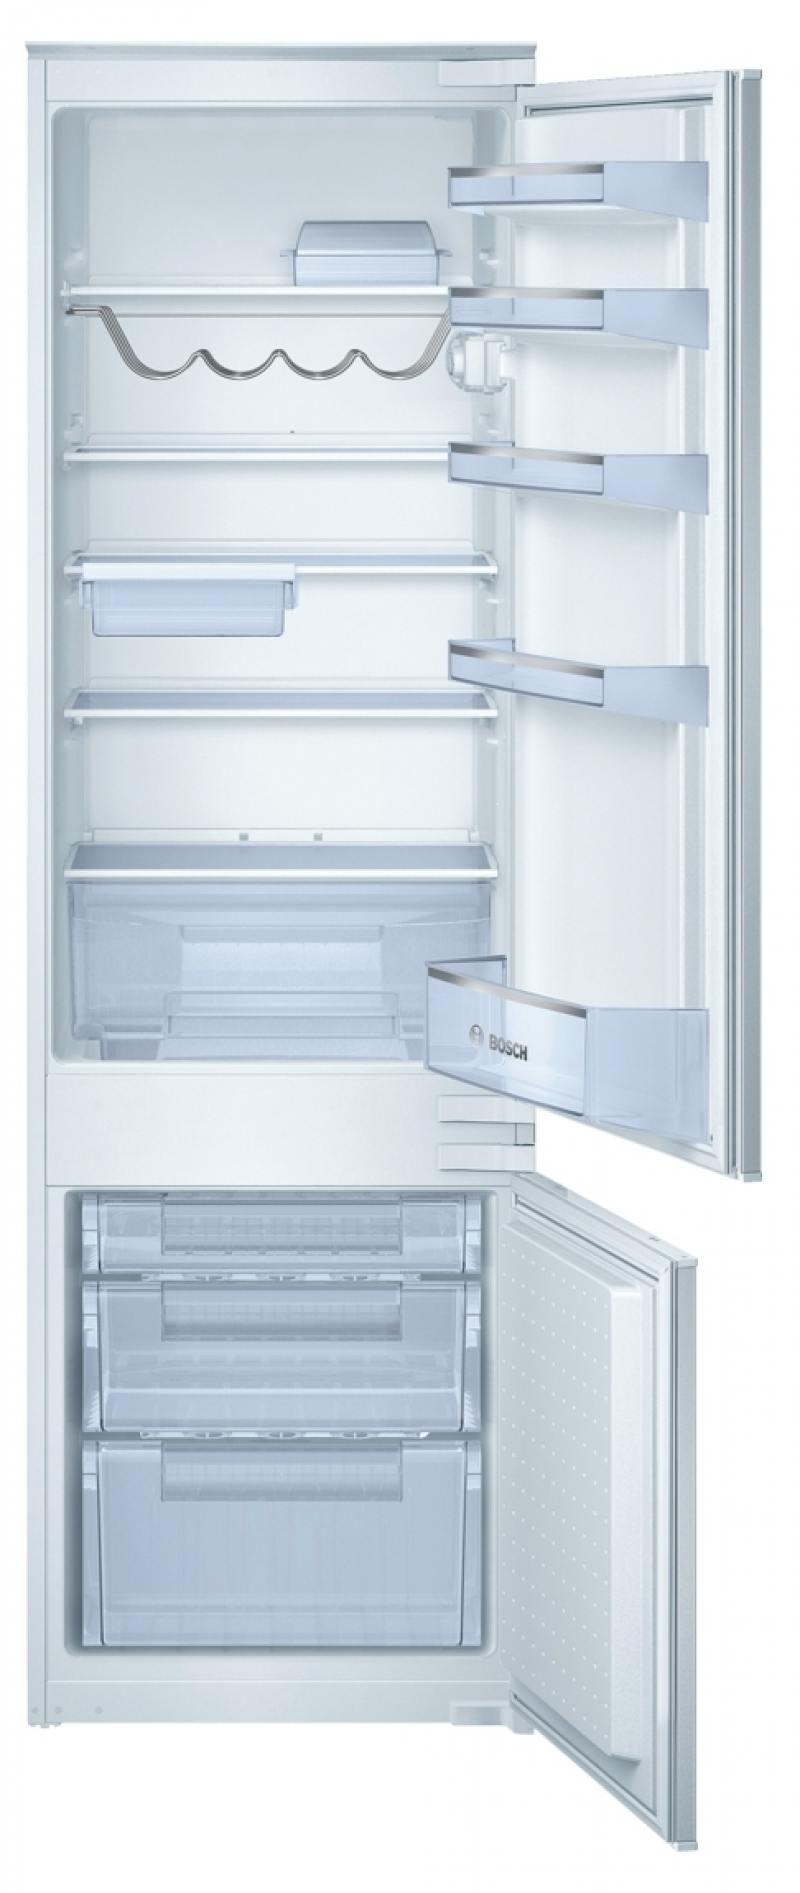 все цены на Встраиваемый холодильник Bosch KIV38X20RU онлайн